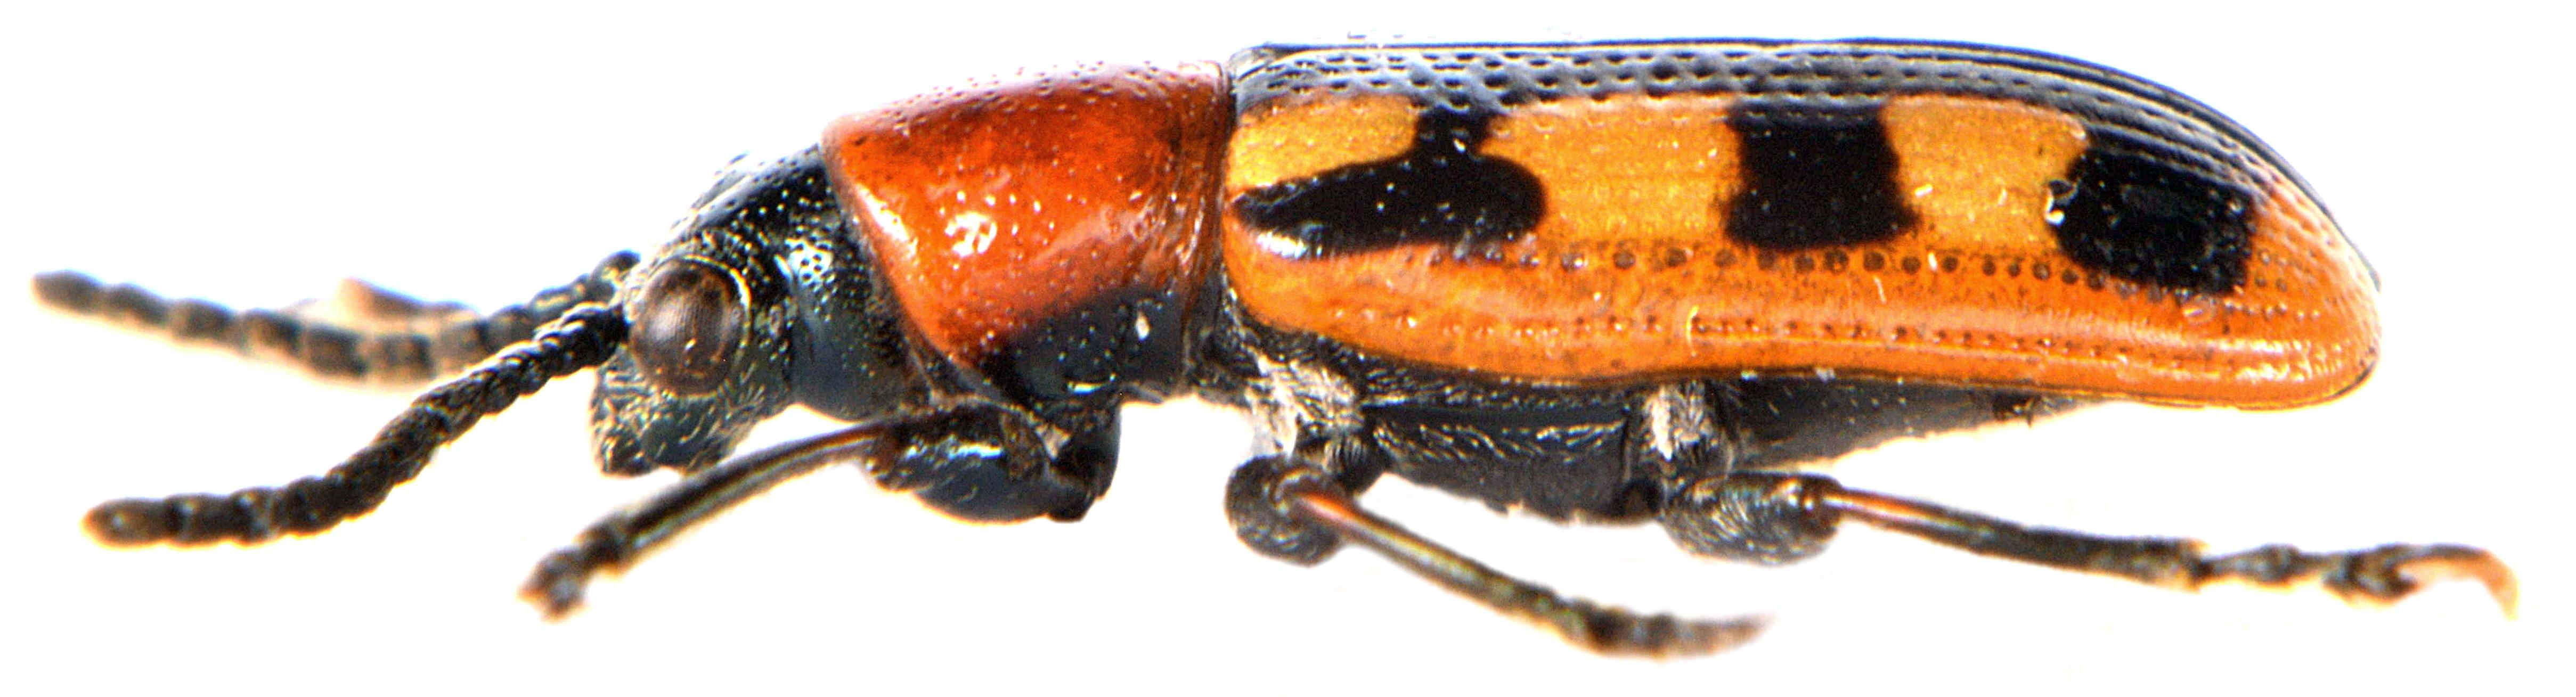 Crioceris asparagi 2